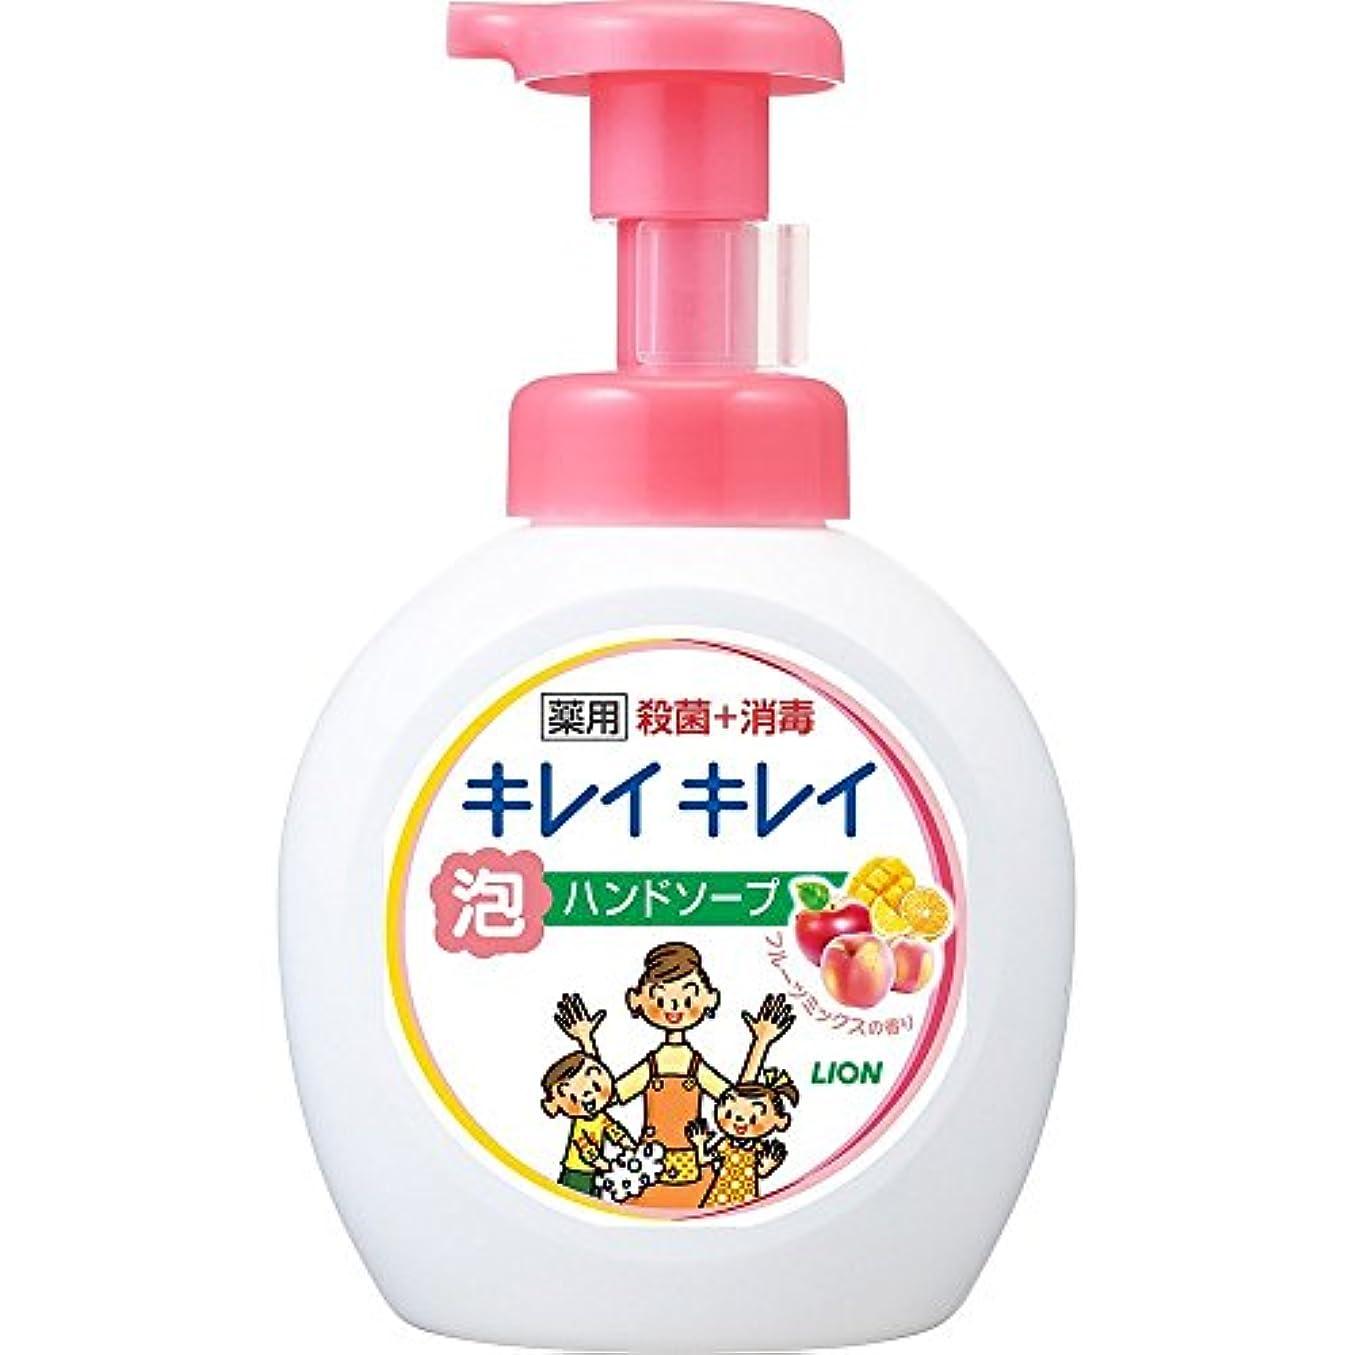 世界的に聴衆前方へキレイキレイ 薬用 泡ハンドソープ フルーツミックスの香り 本体ポンプ 大型サイズ 500ml(医薬部外品)